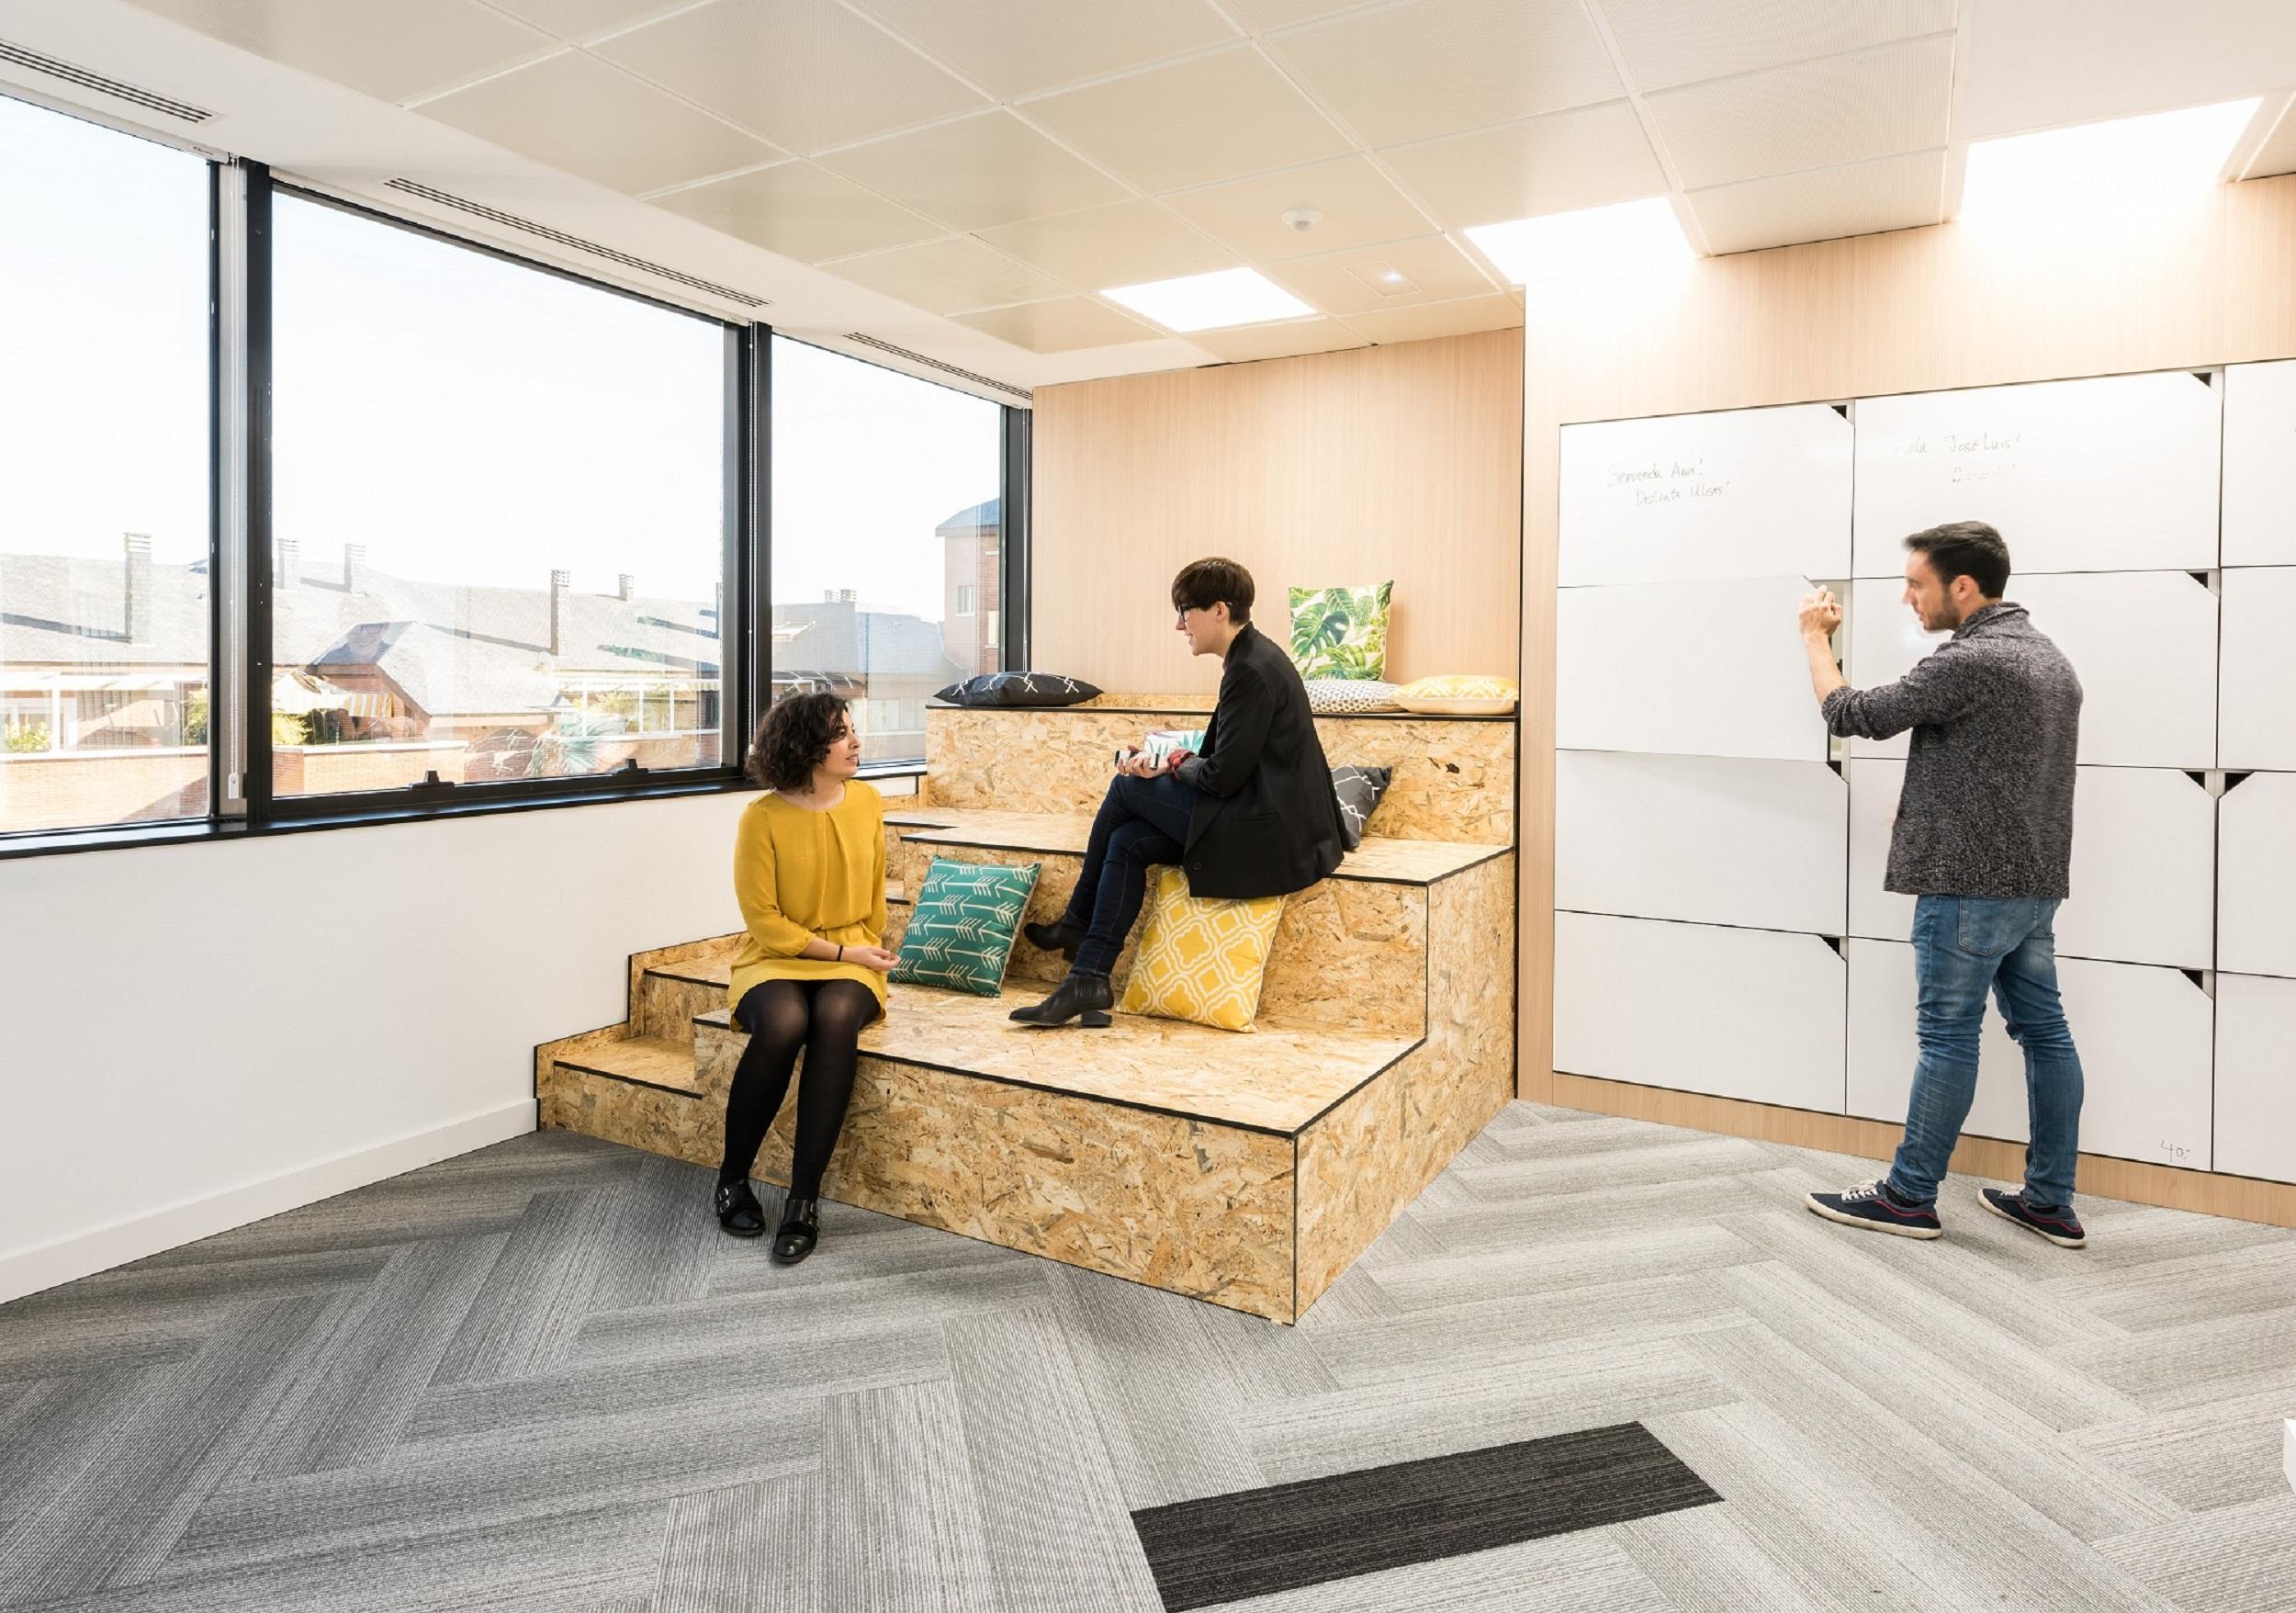 wizink un banco con una divertida oficina al estilo